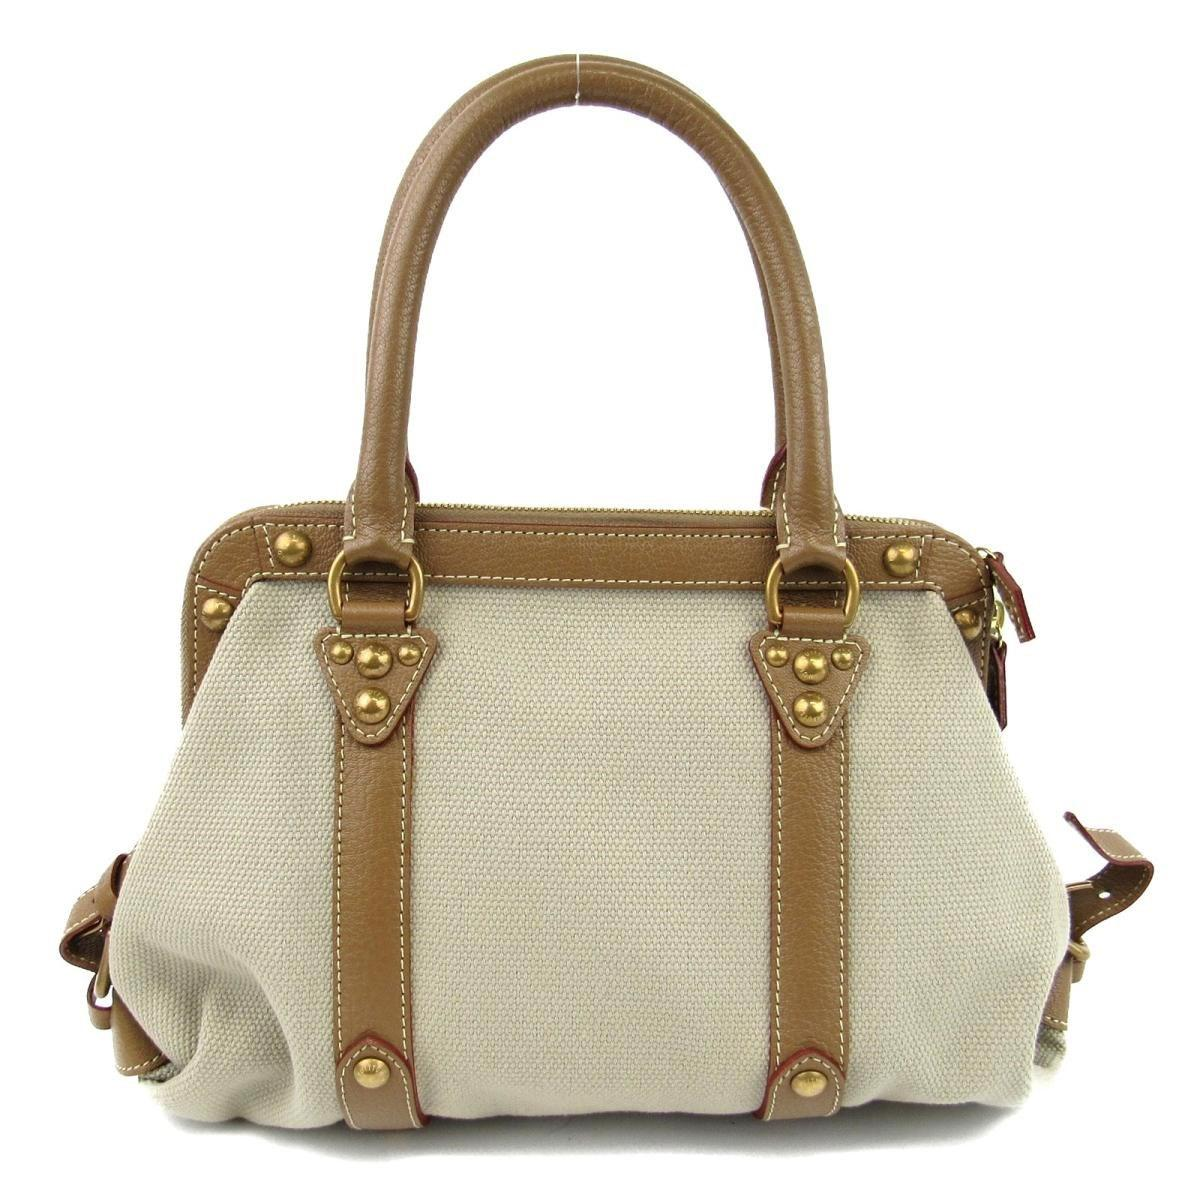 0c9c4545b1 Lyst - Louis Vuitton Authentic Sac De Nuit Mm Tote Bag M48826 Toile ...